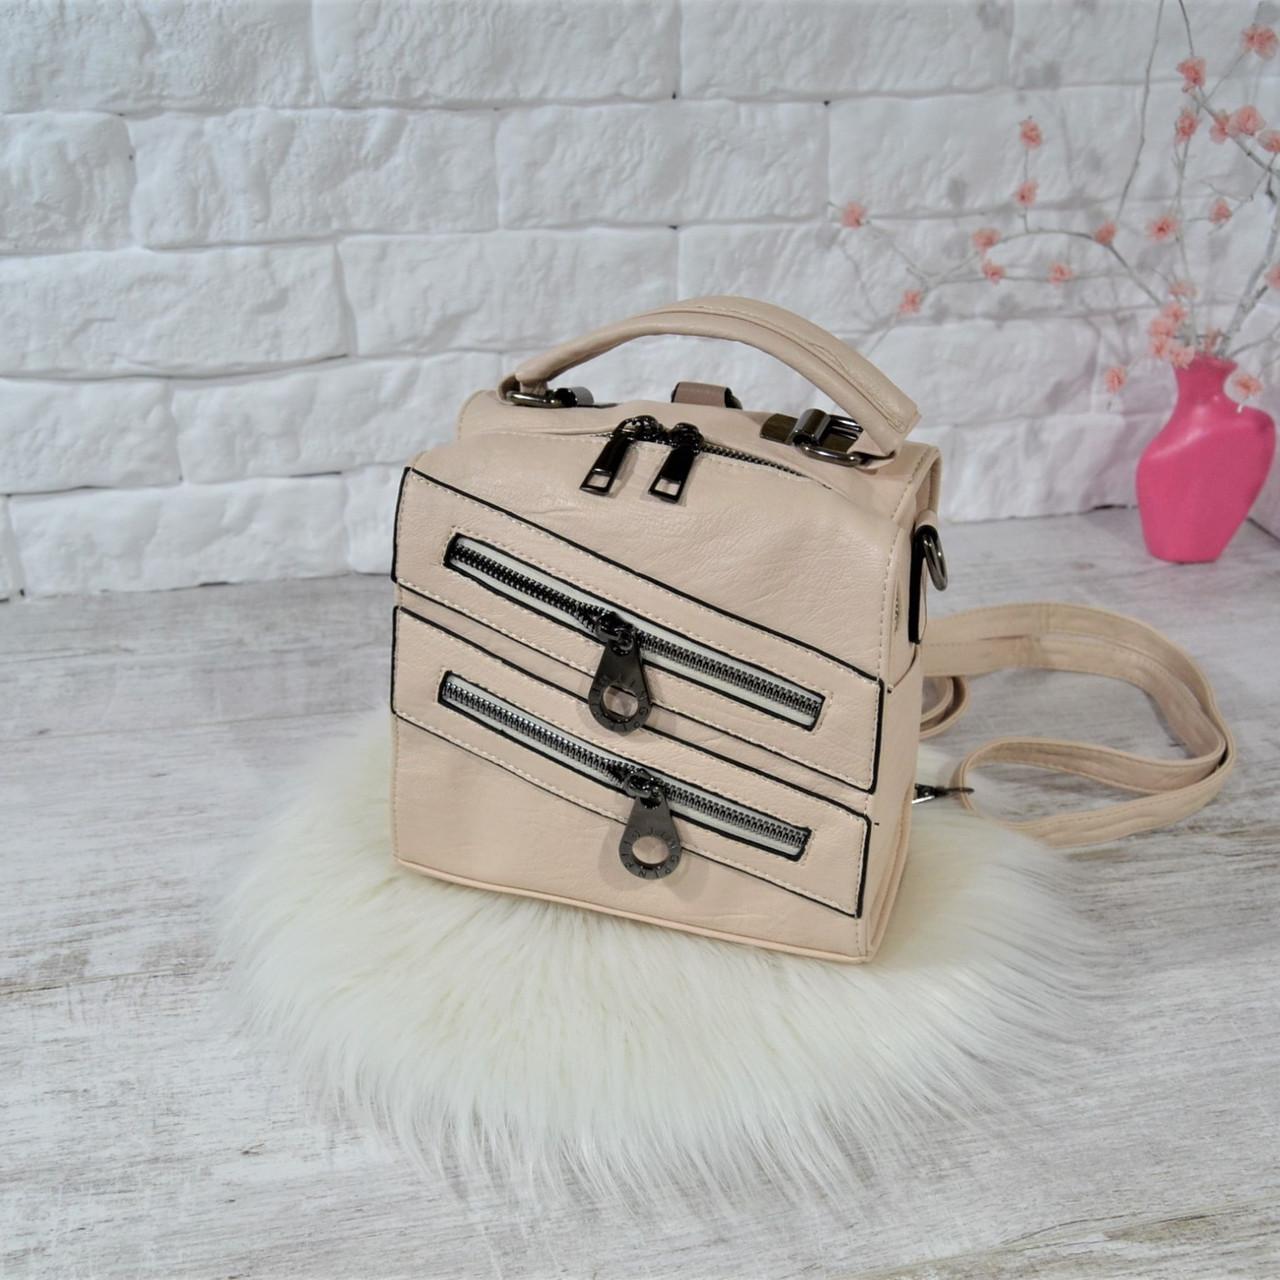 Сумка-рюкзак Молния Компакт городская бежевая женская